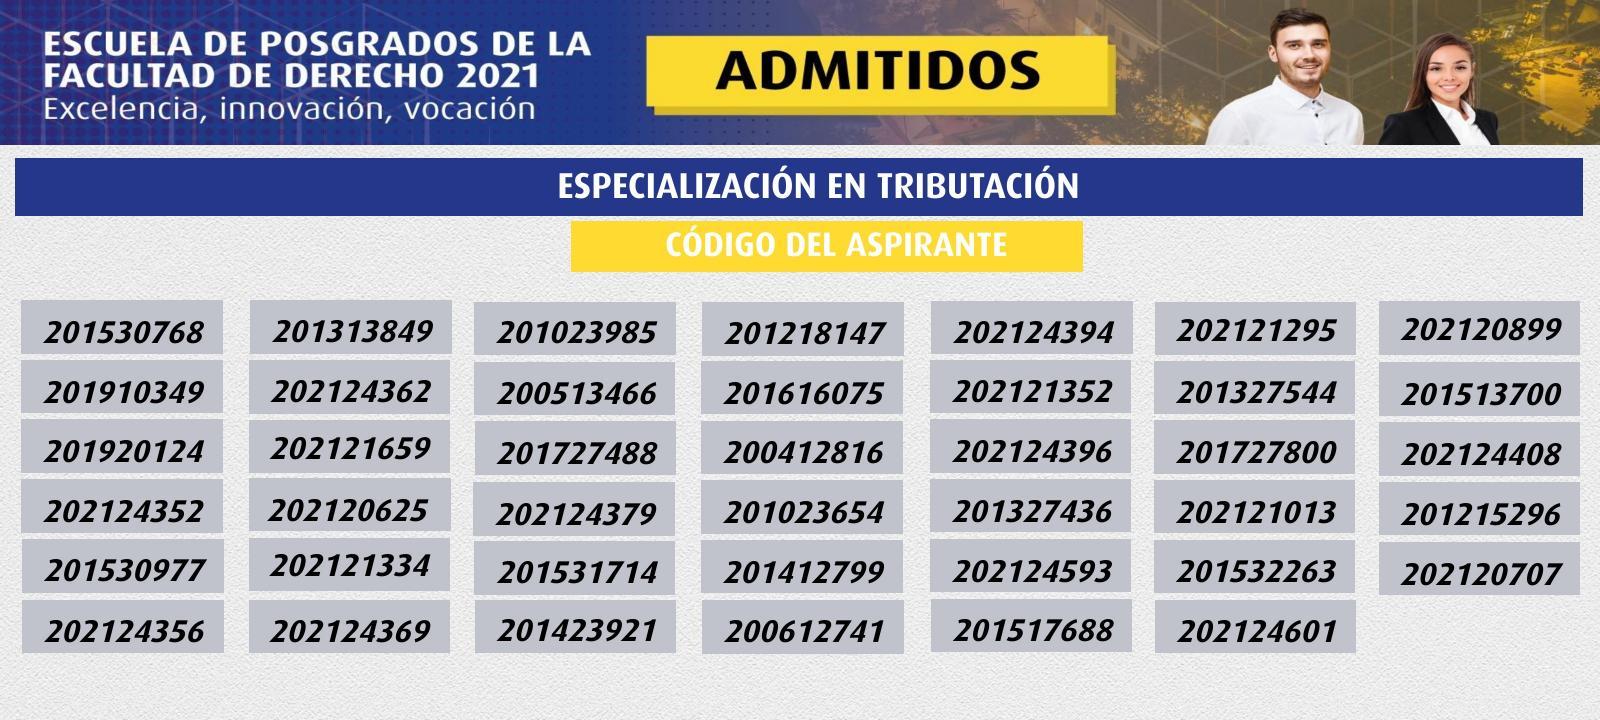 Admitidos 2021 | Especialización en Tributación | Uniandes